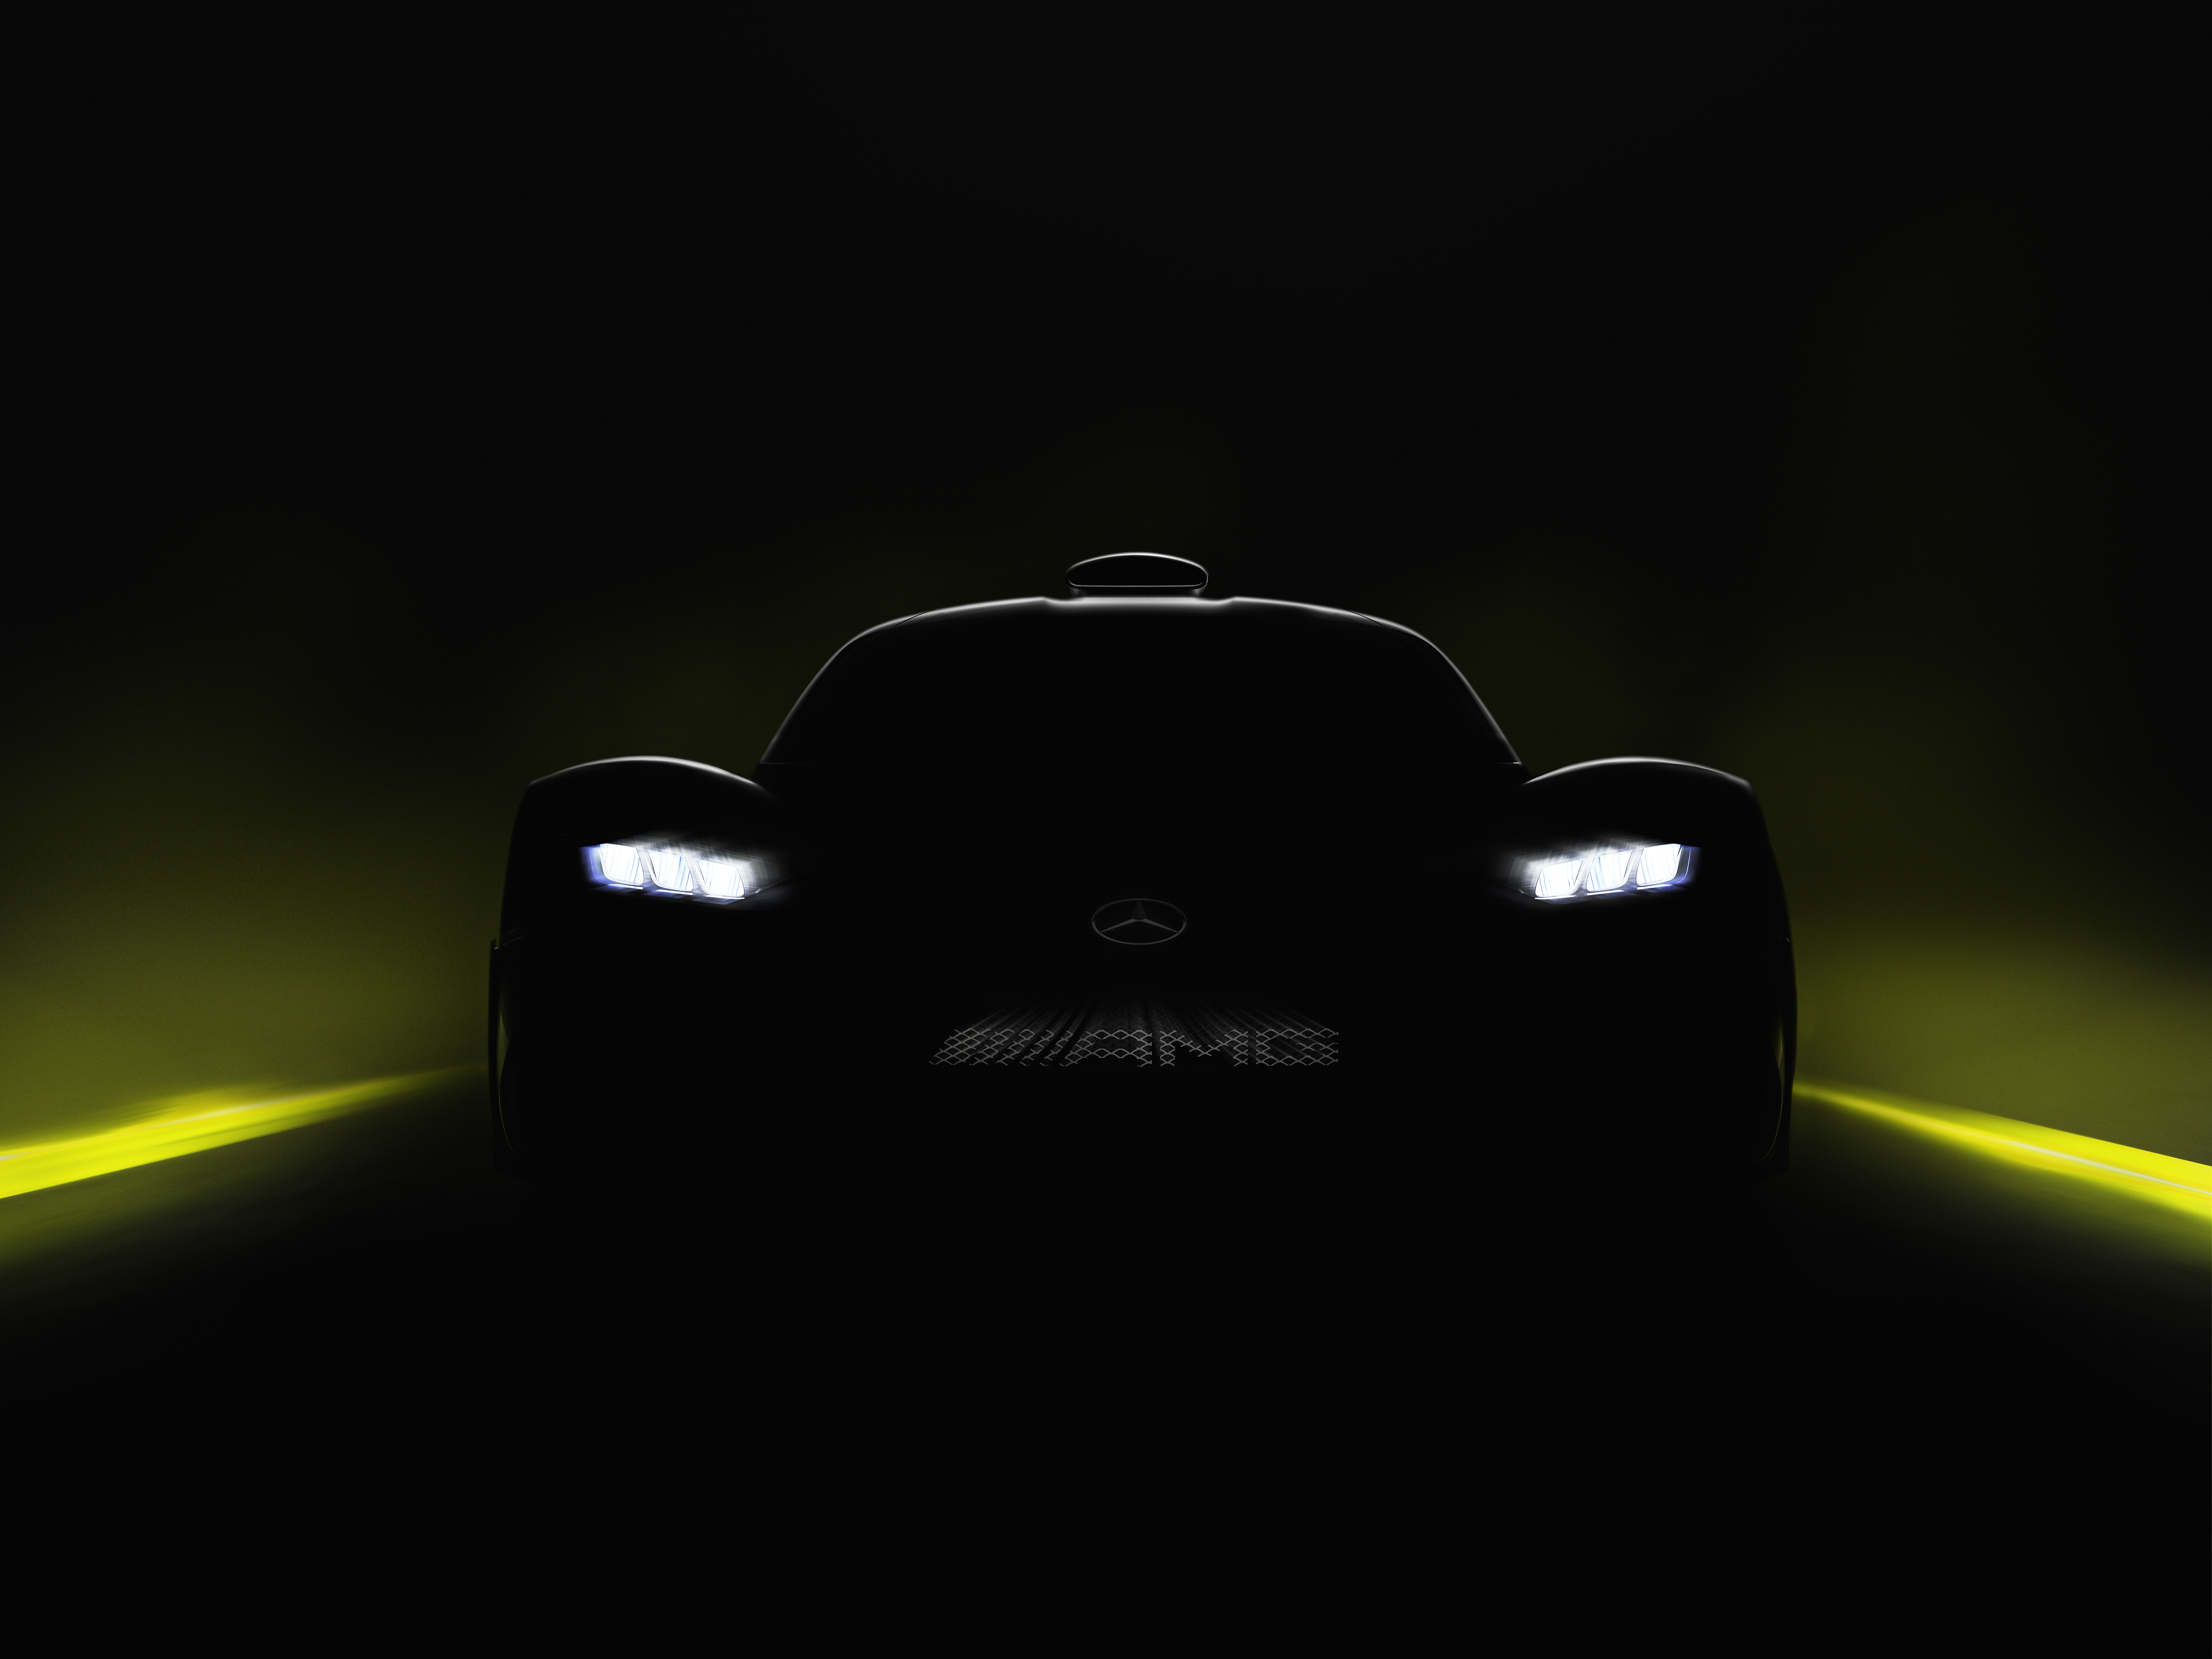 Ֆրանկֆուրտի ավտոսալոնում Mercedes-Benz-ը նոր սպորտային սուպերմեքենա կներկայացնի